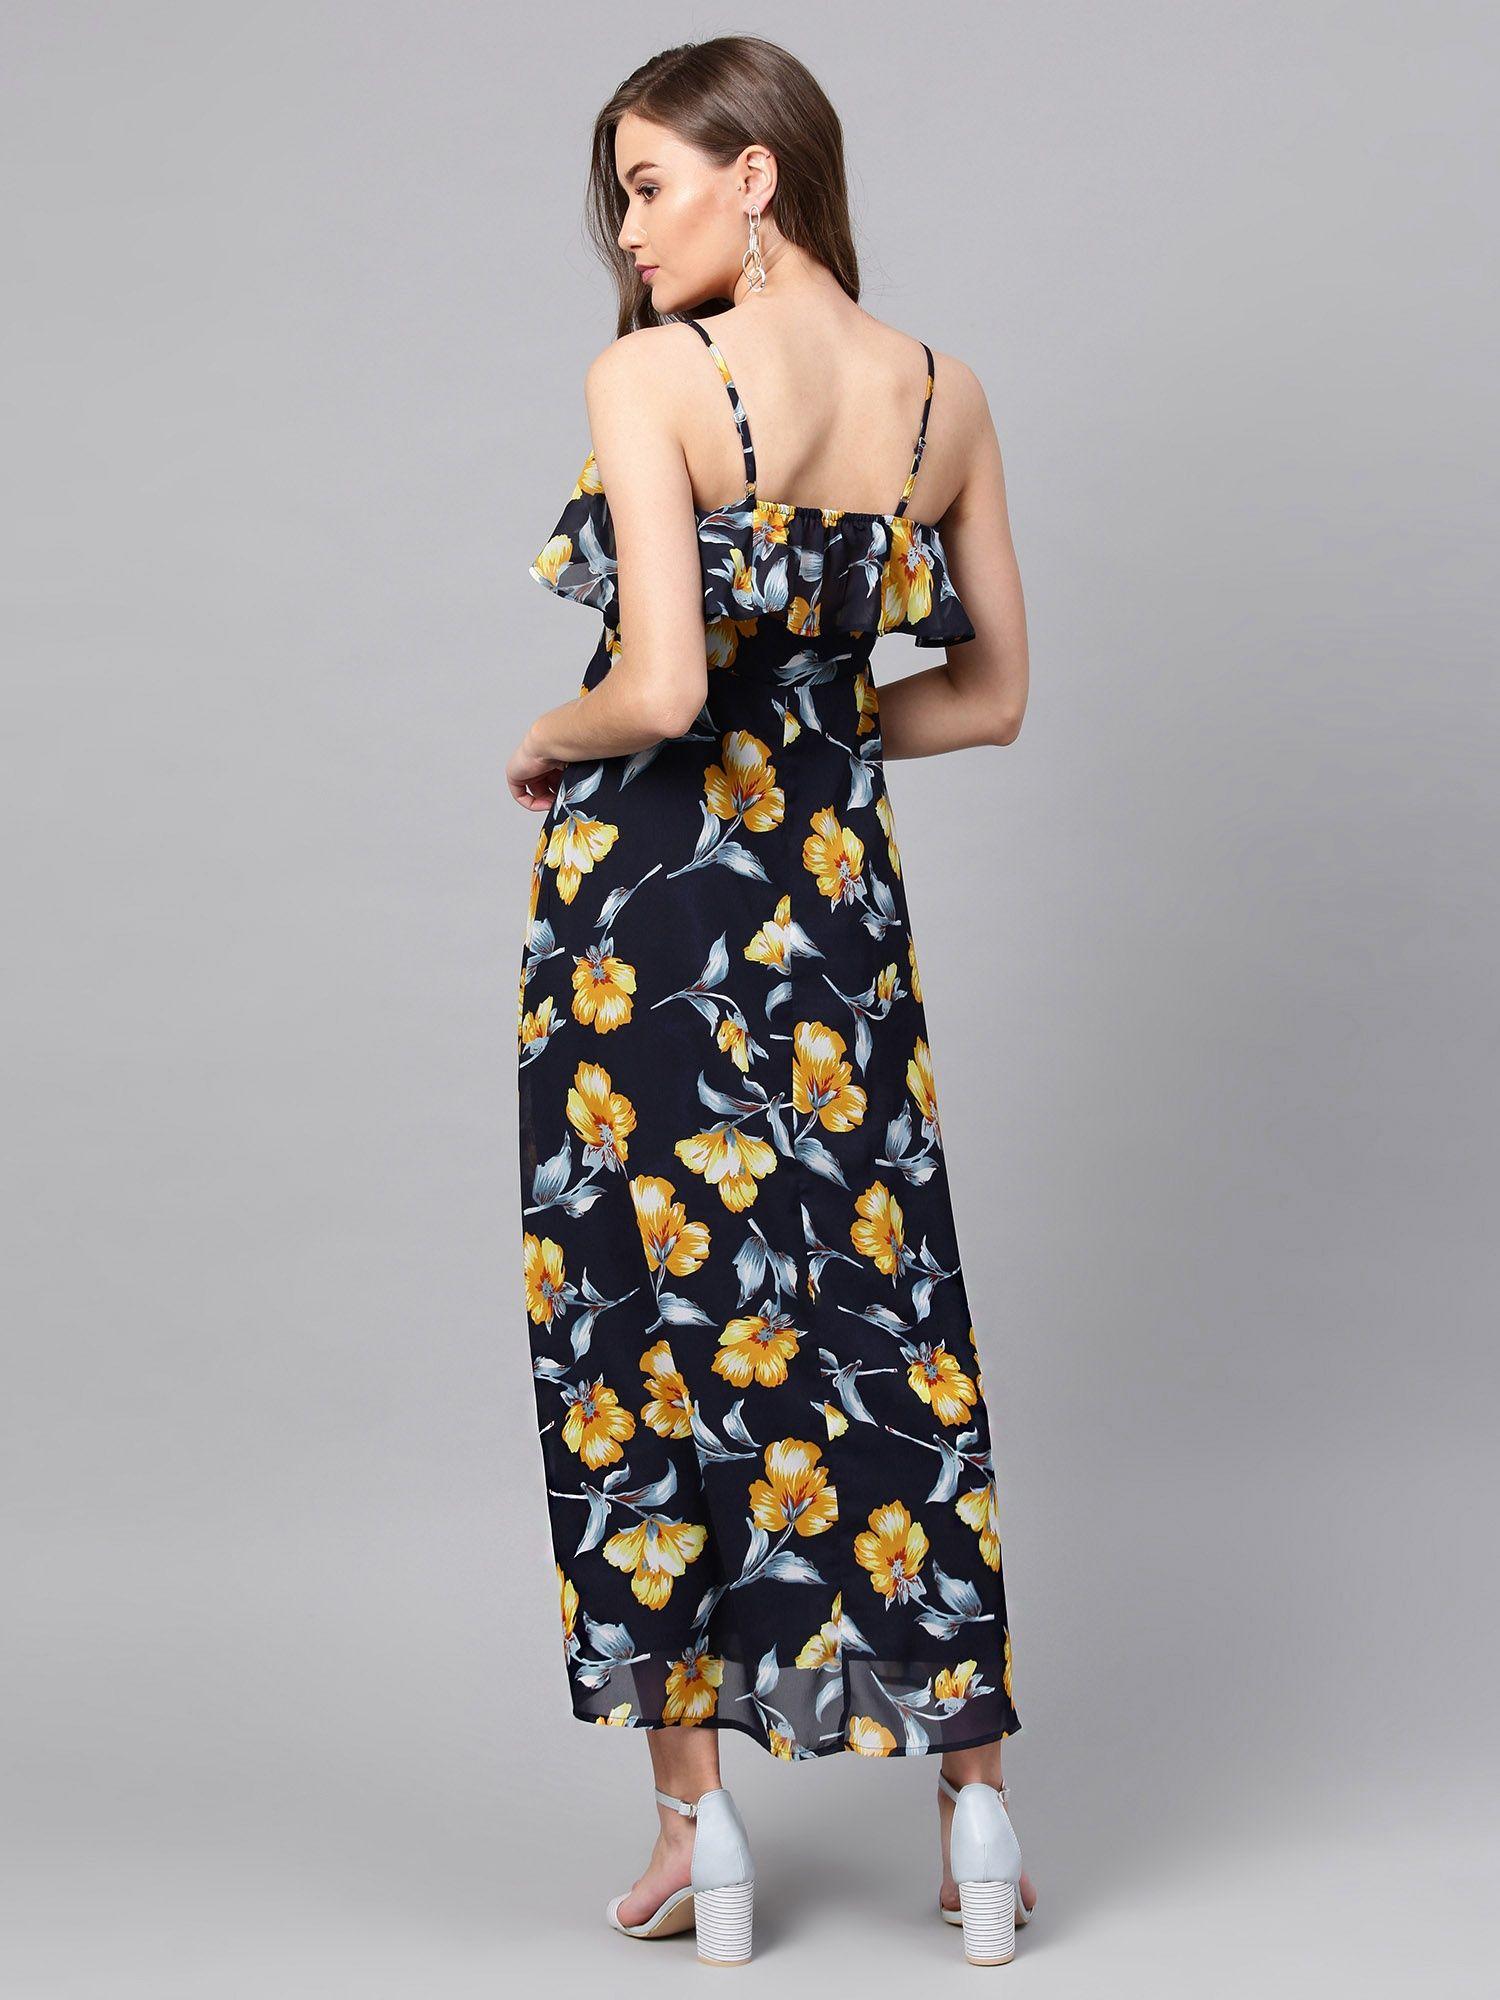 684aada97c7b4 Femella Dresses : Buy Femella Navy Blue Floral Printed Ruffle Maxi ...